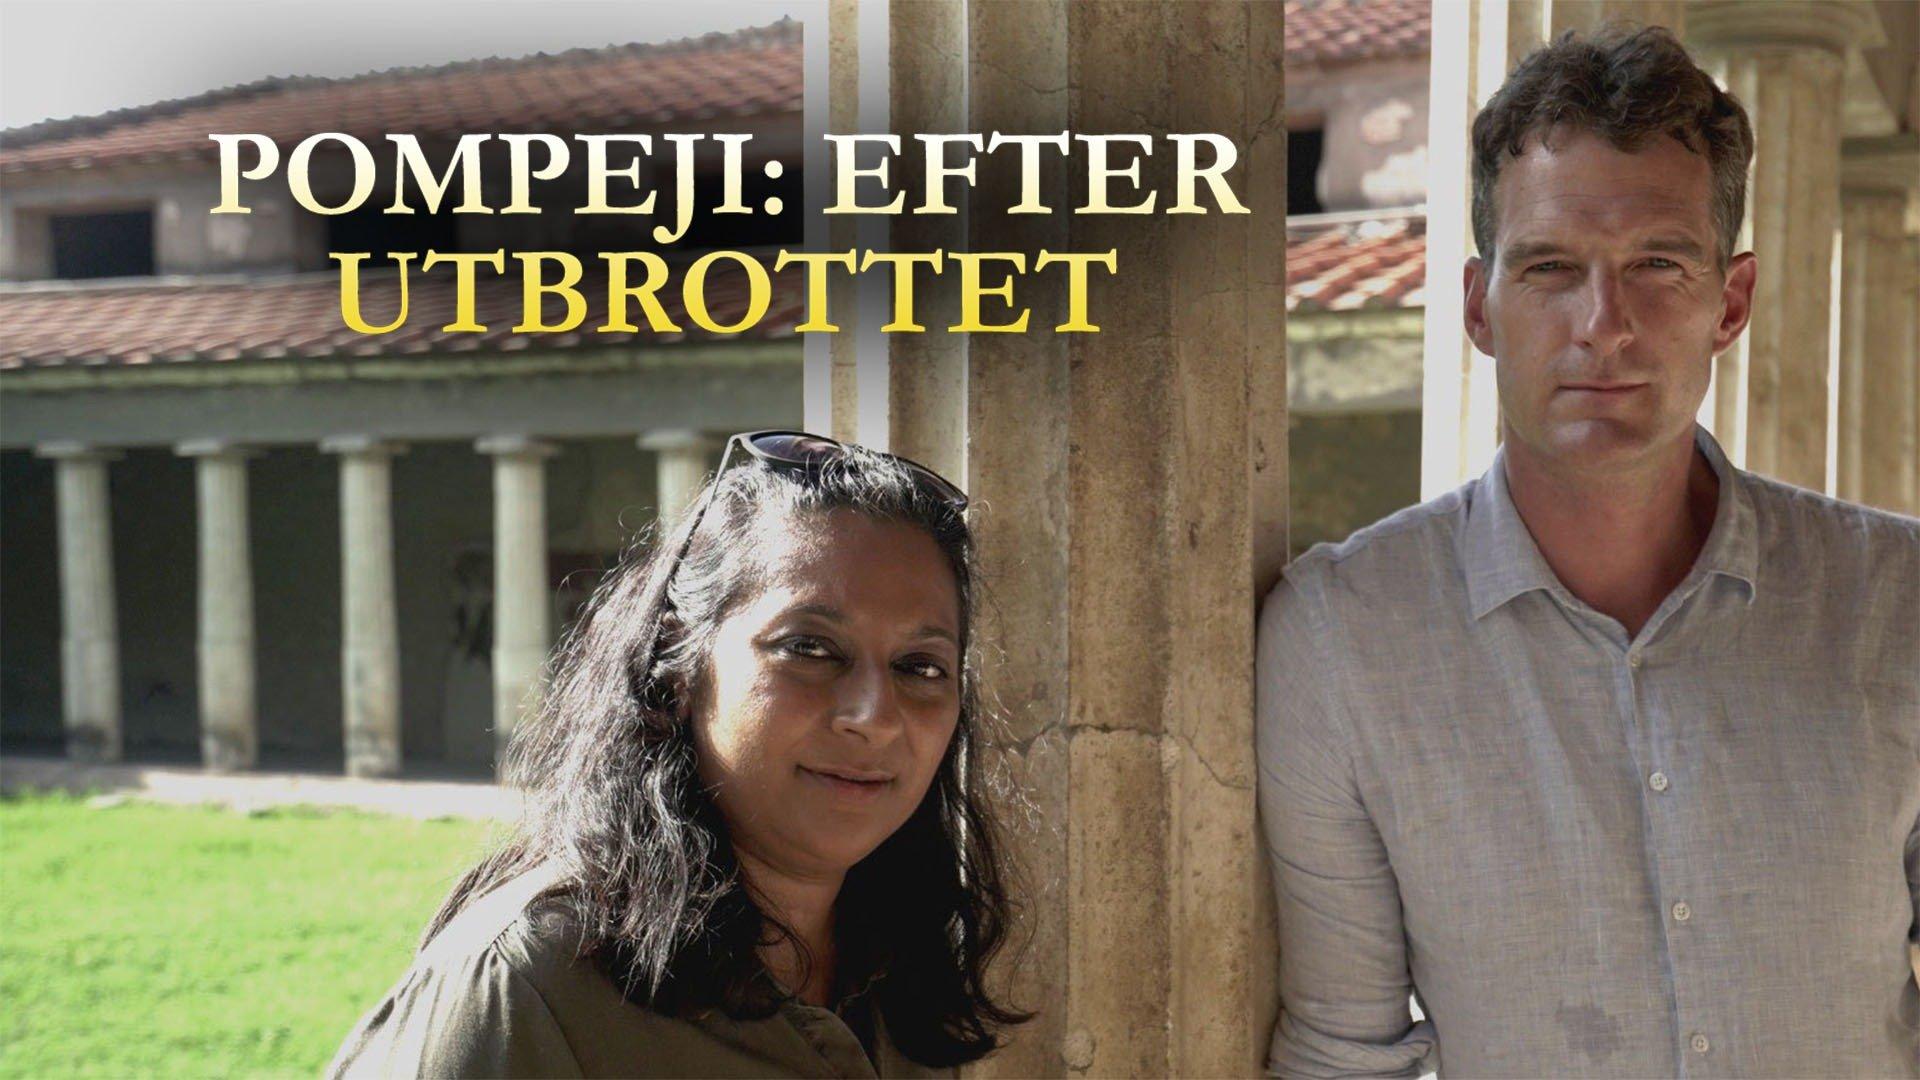 Pompeji: Efter utbrottet